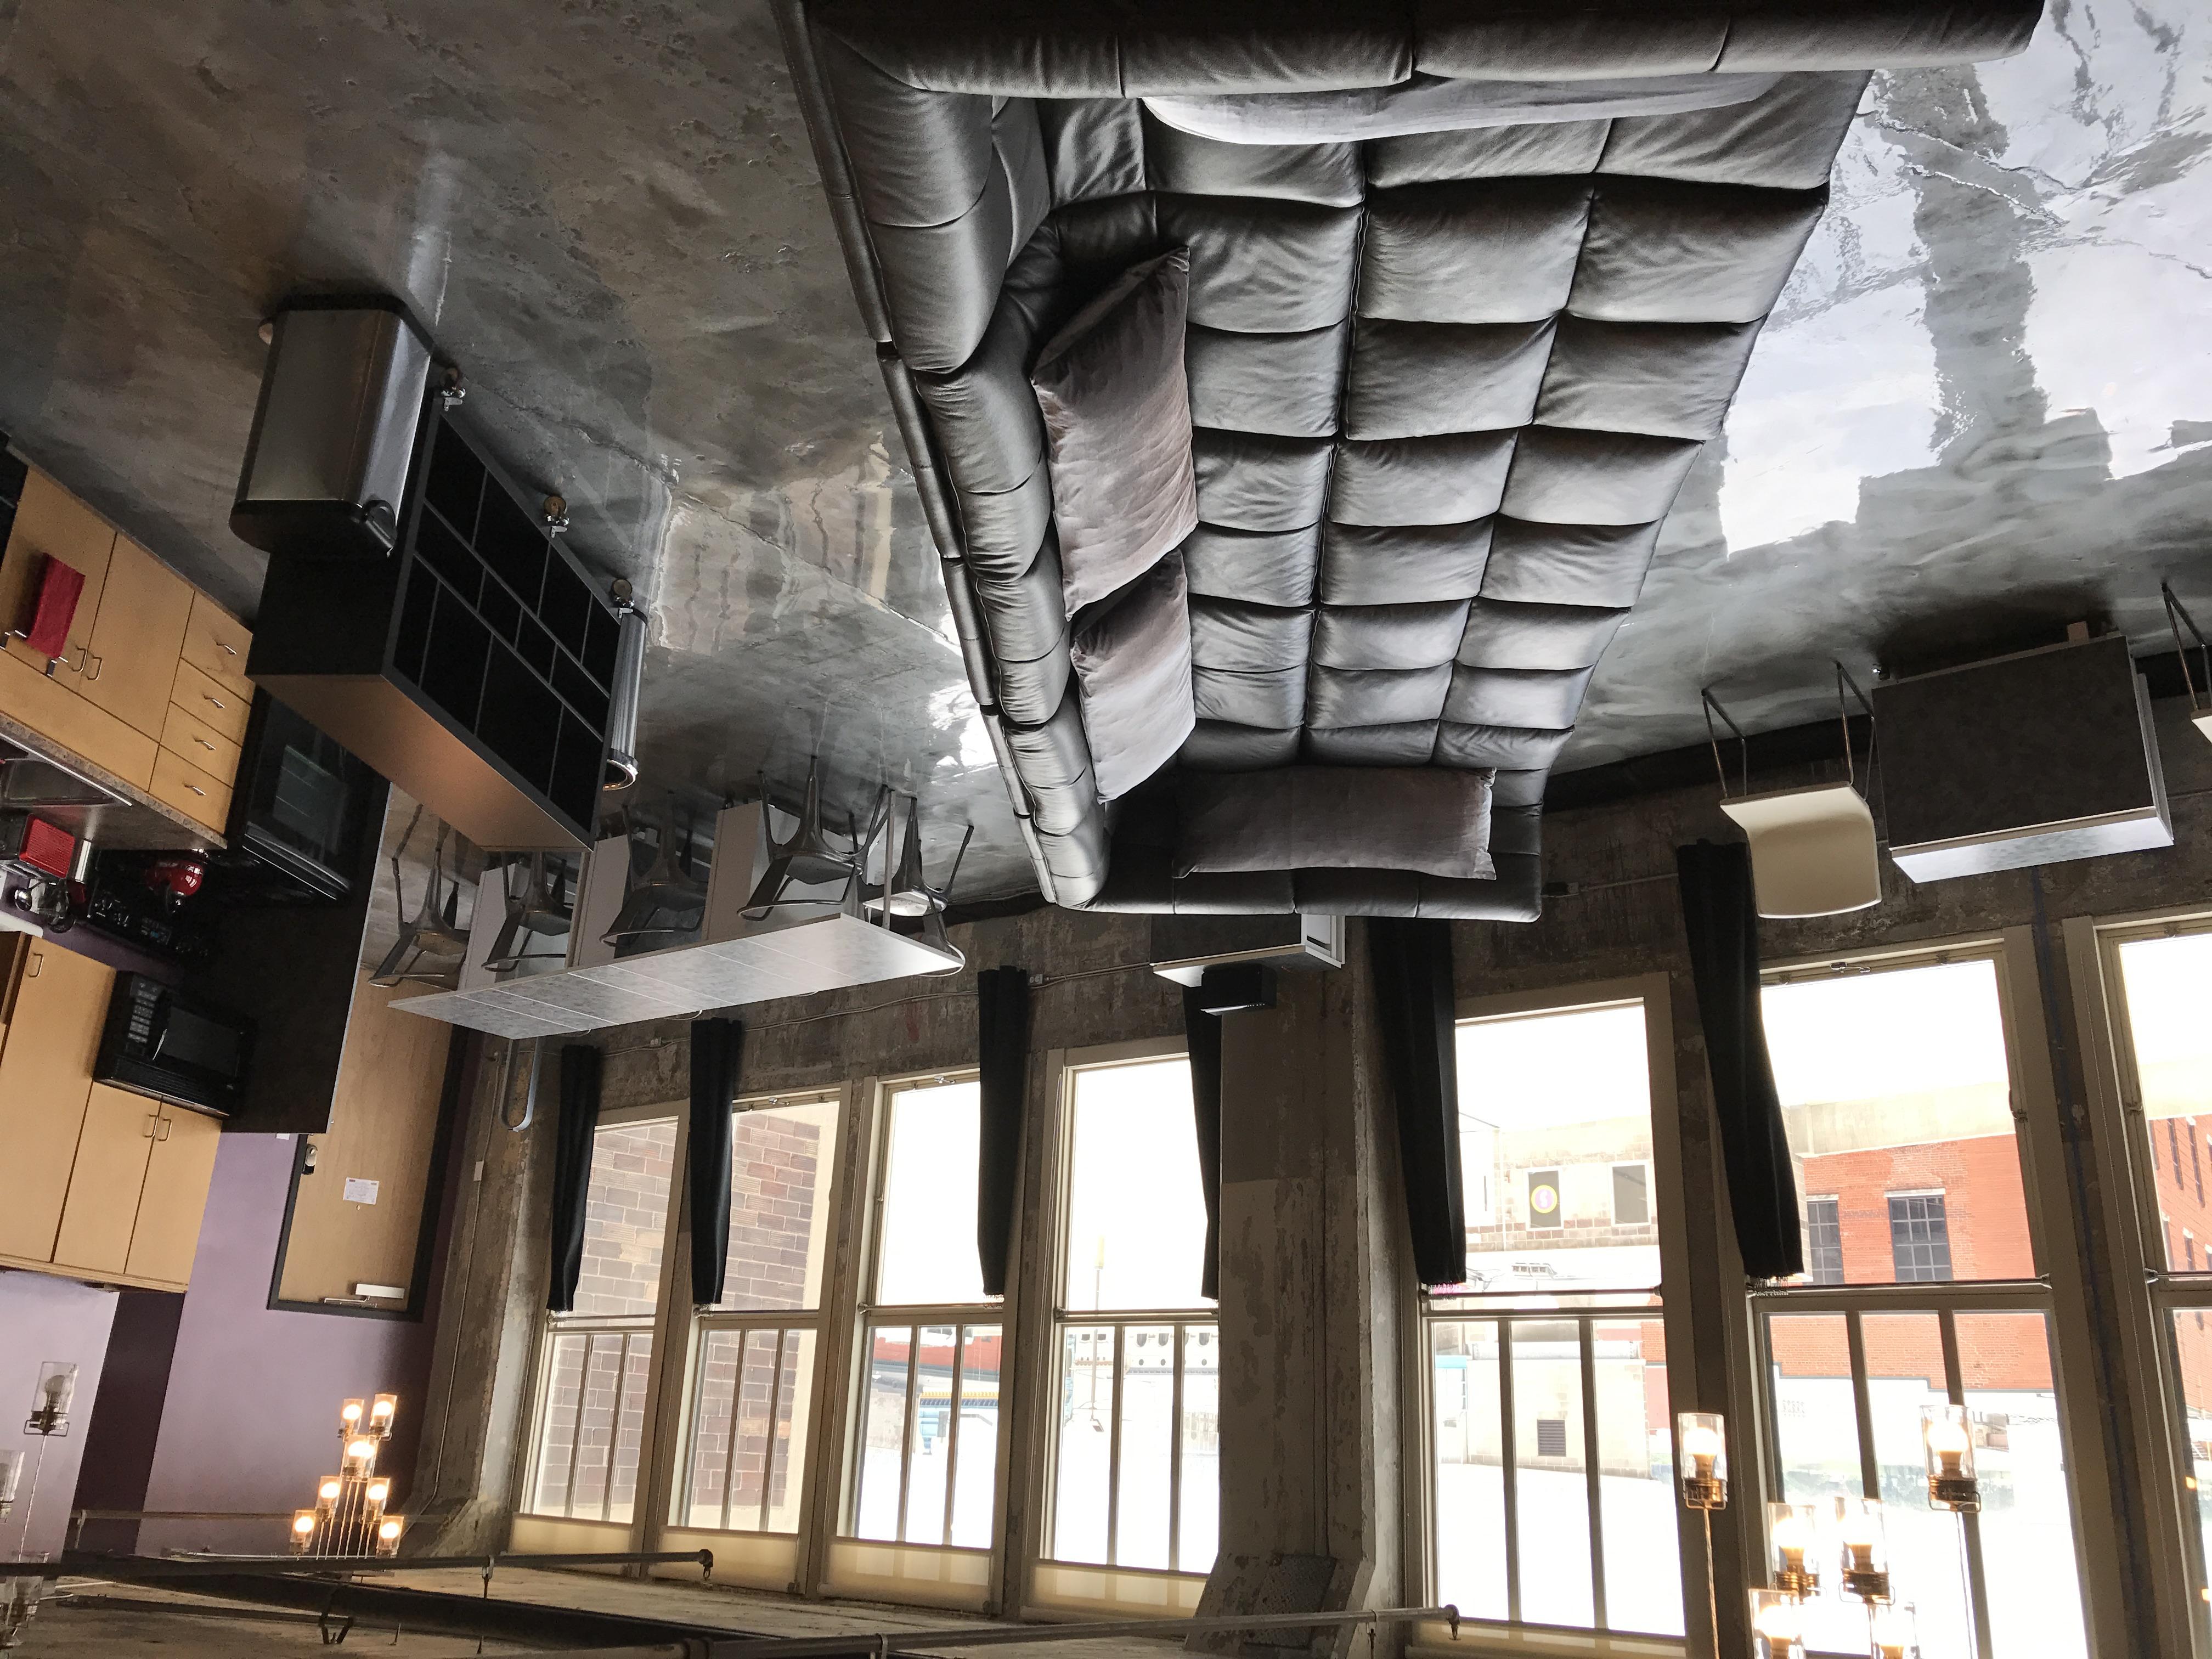 Loft Reverie Hotel 704 - Airy Loft with Lounge Pit + Cloud Sofa + Ohio River Views + Louisville Slug